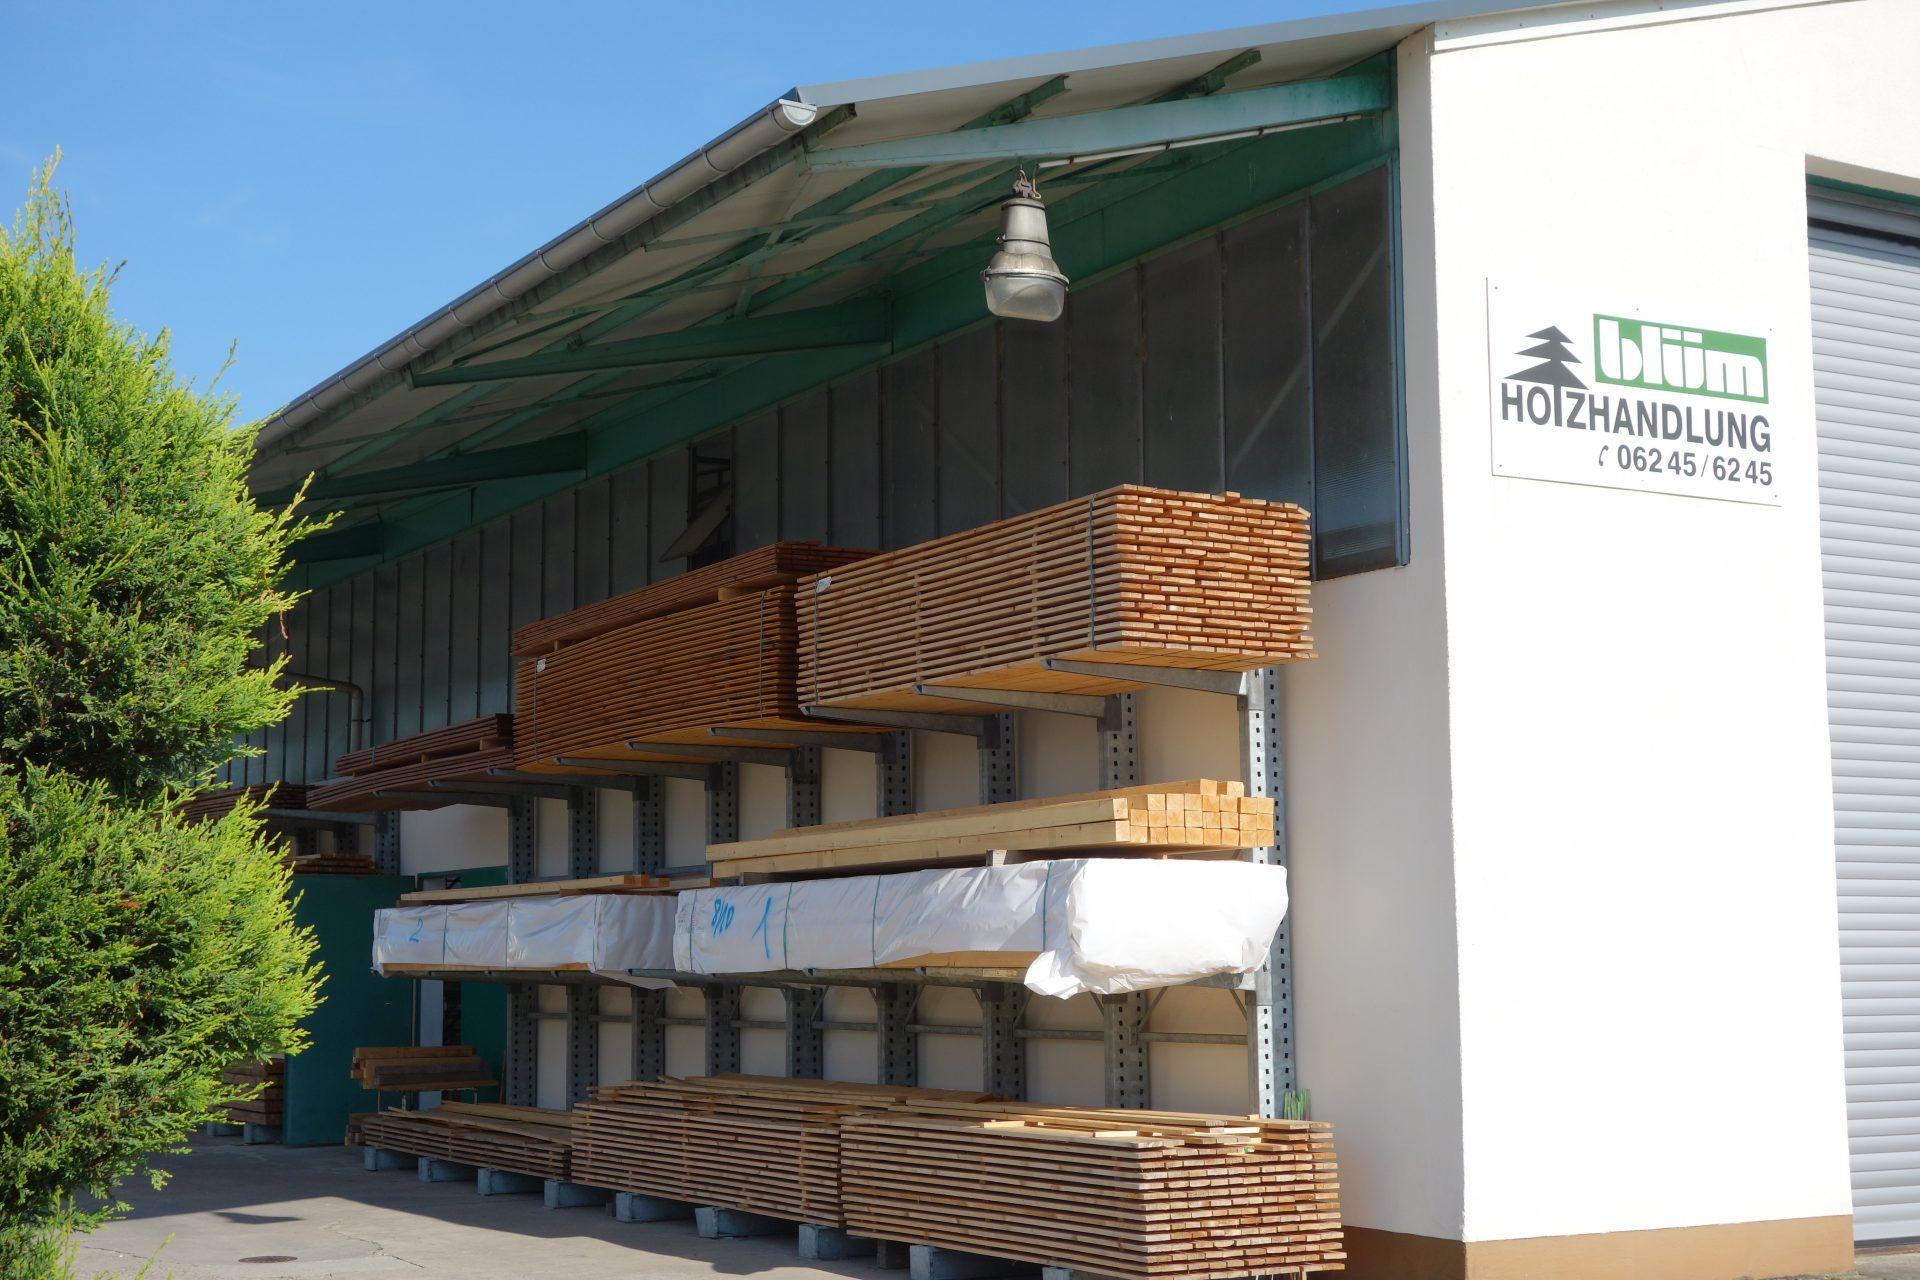 Holz-Parkett-Türen-Terrasse